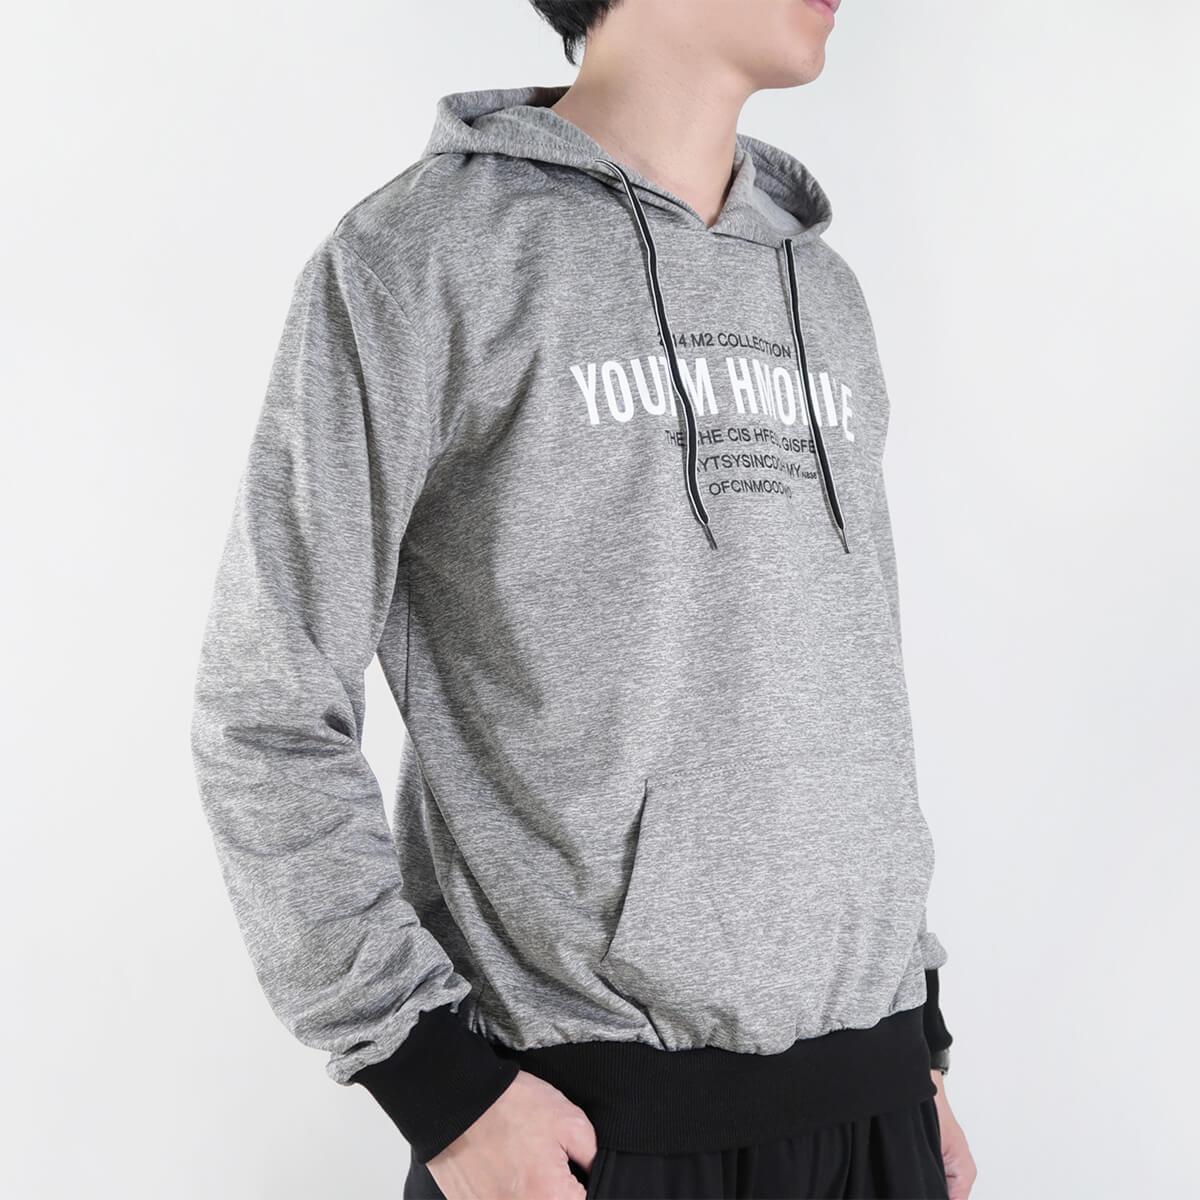 微刷毛紋理保暖帽T 連帽T恤 休閒連帽外套 長袖T恤 帽子T恤 連帽上衣 長袖上衣 休閒長TEE 灰色T恤 黑色T恤 LIGHT FLEECE LINED WARM HOODIE T-shirt (312-6071-21)黑色、(312-6071-22)灰色 XL 單一尺寸(胸圍46~48英吋) [實體店面保障] sun-e 2